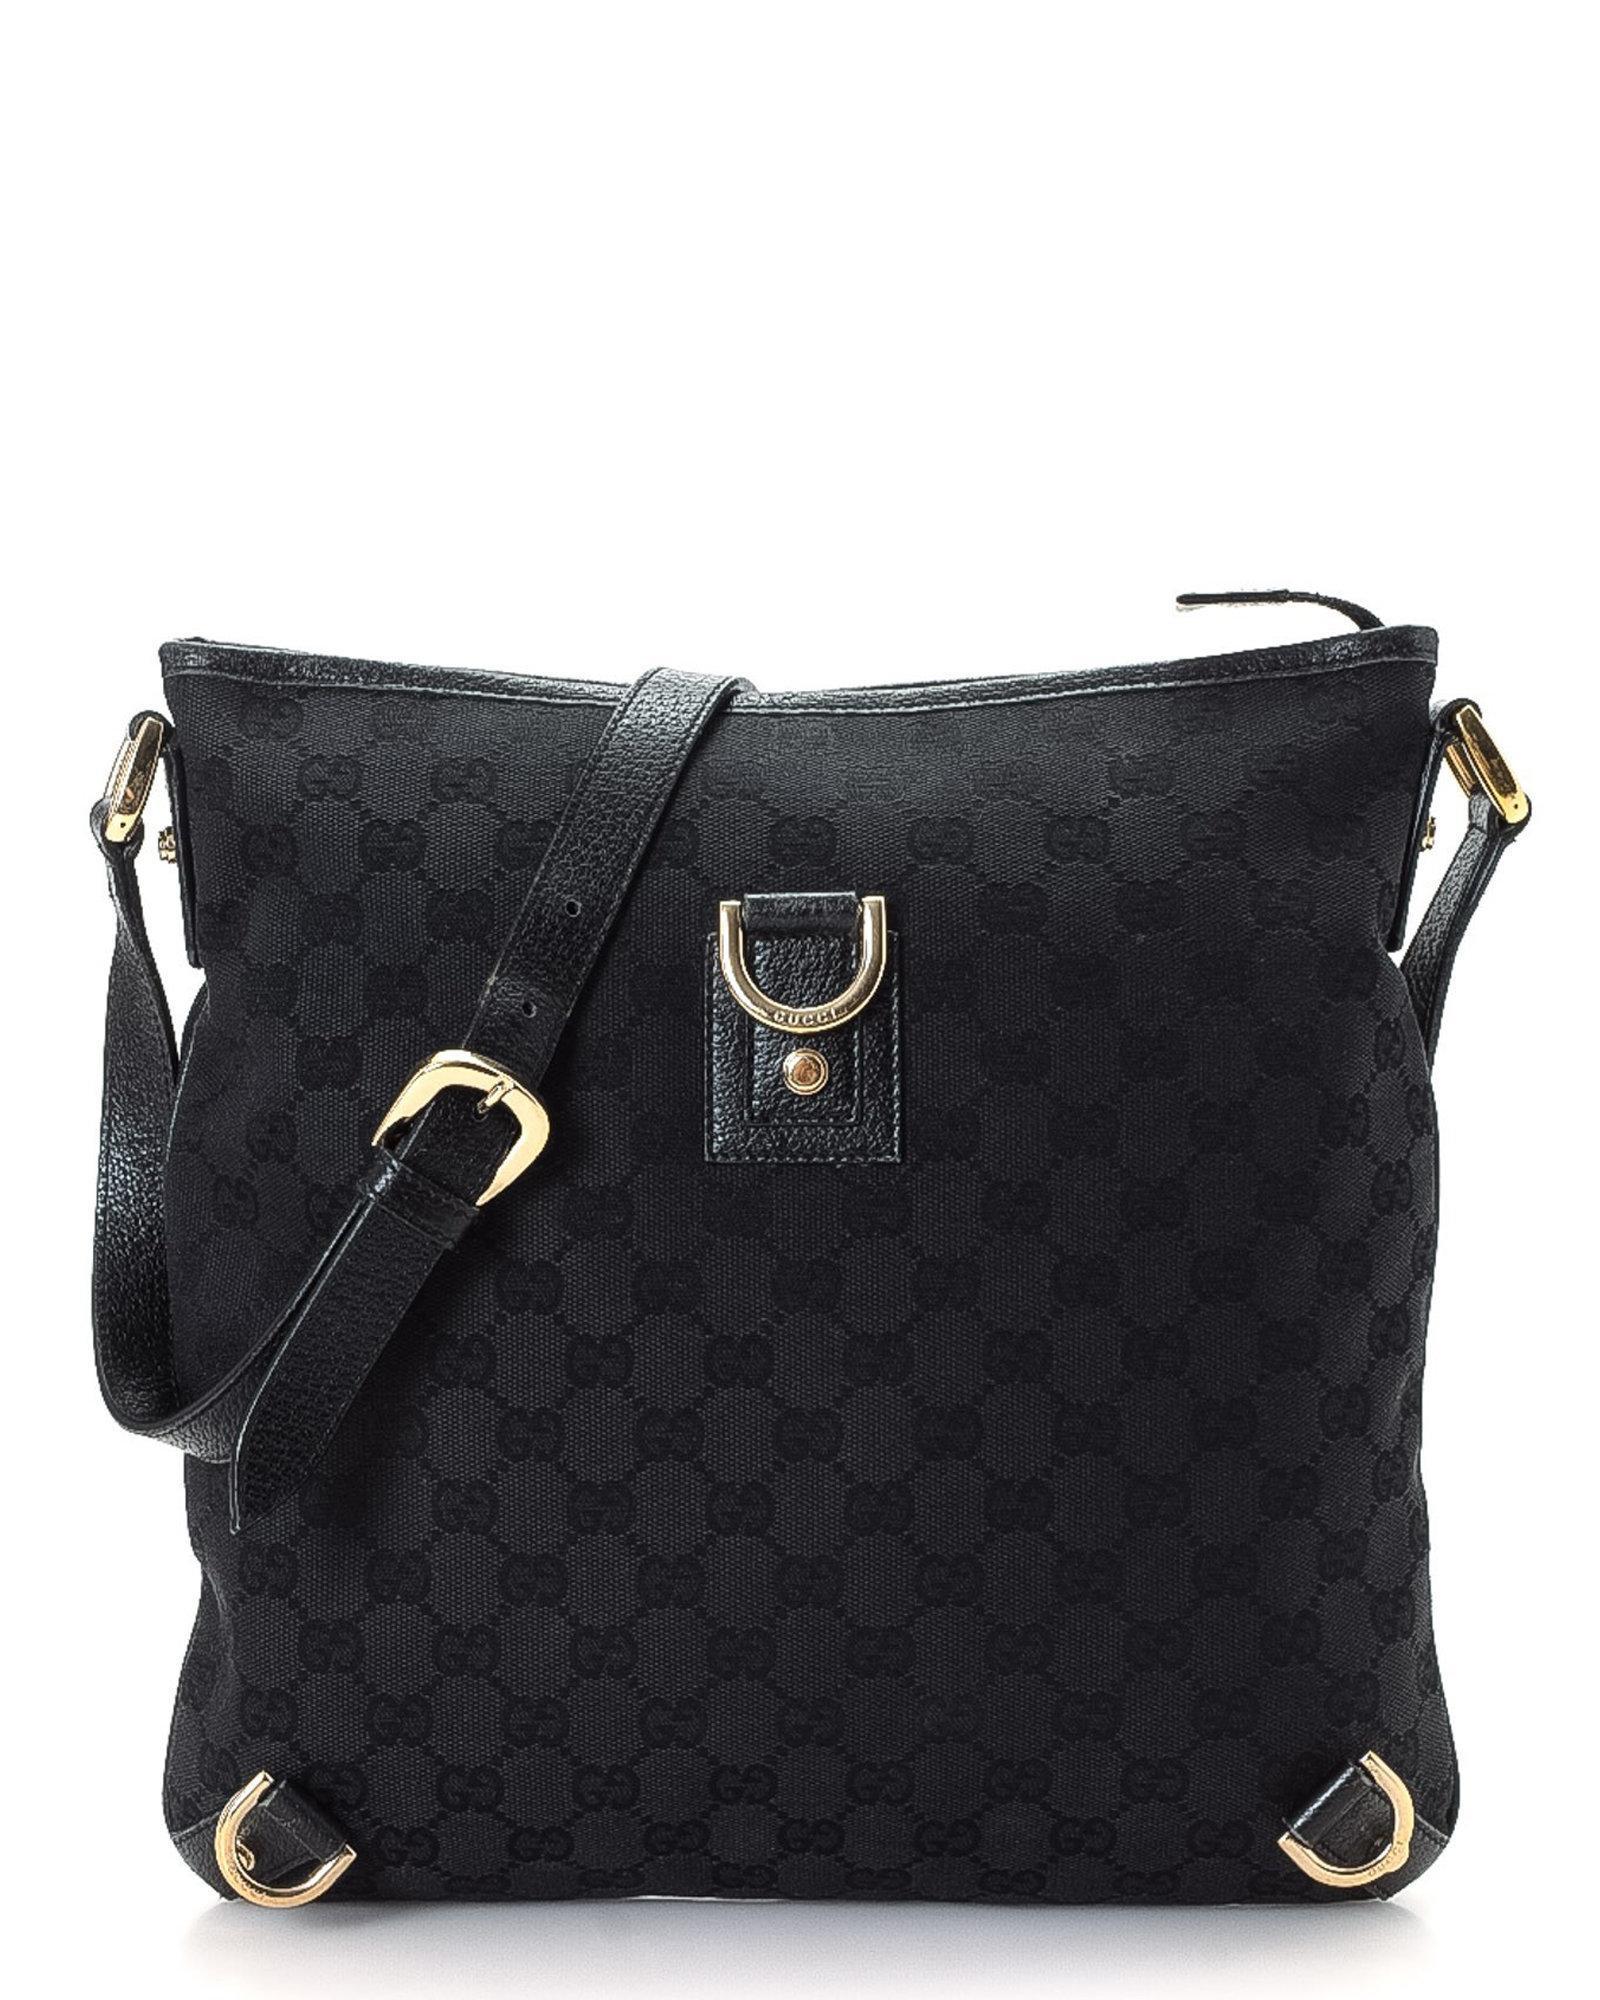 d2dea6efe49 Lyst - Gucci Gg Canvas Shoulder Bag - Vintage in Black